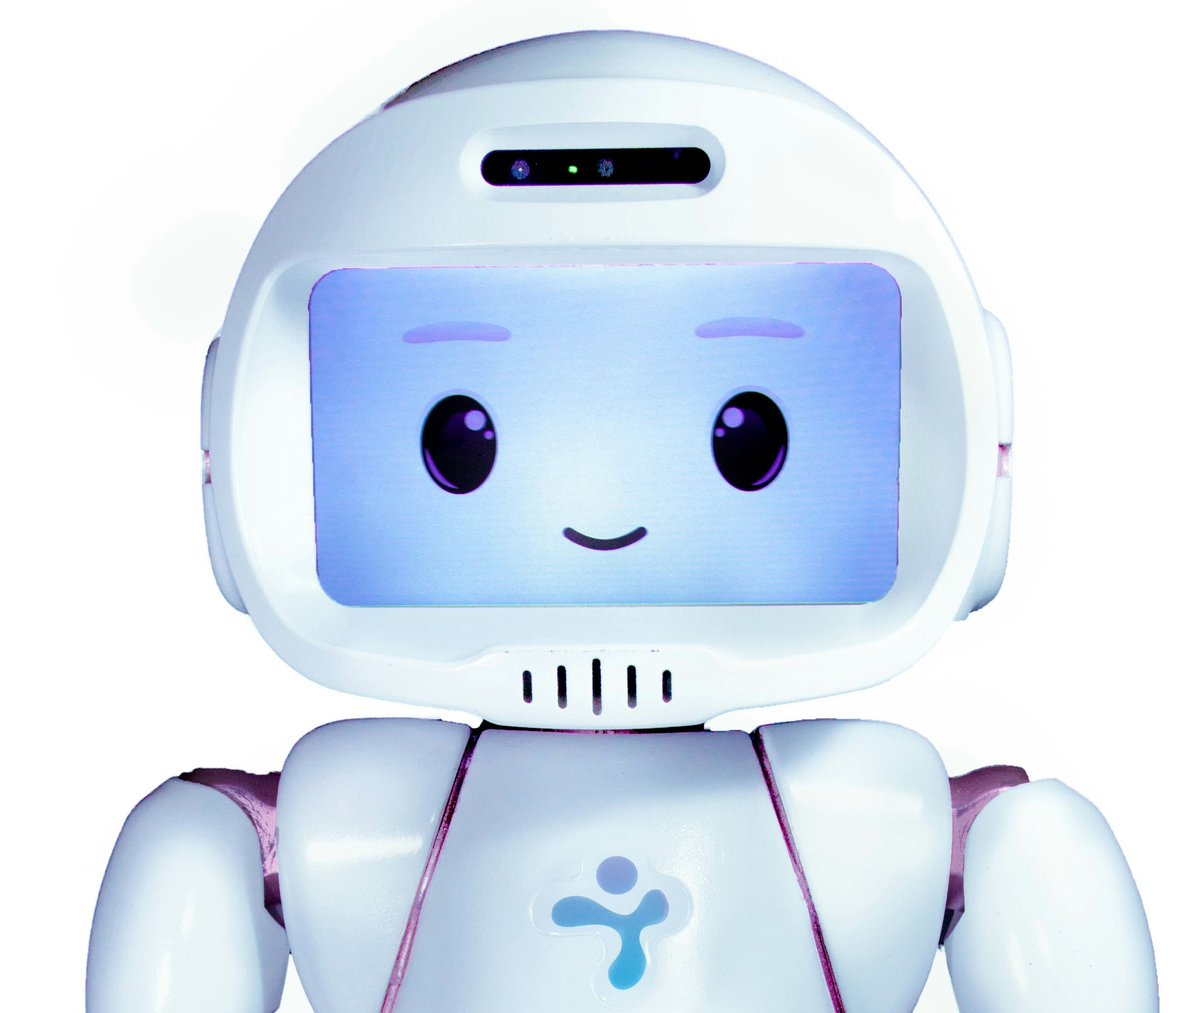 Le robot QT